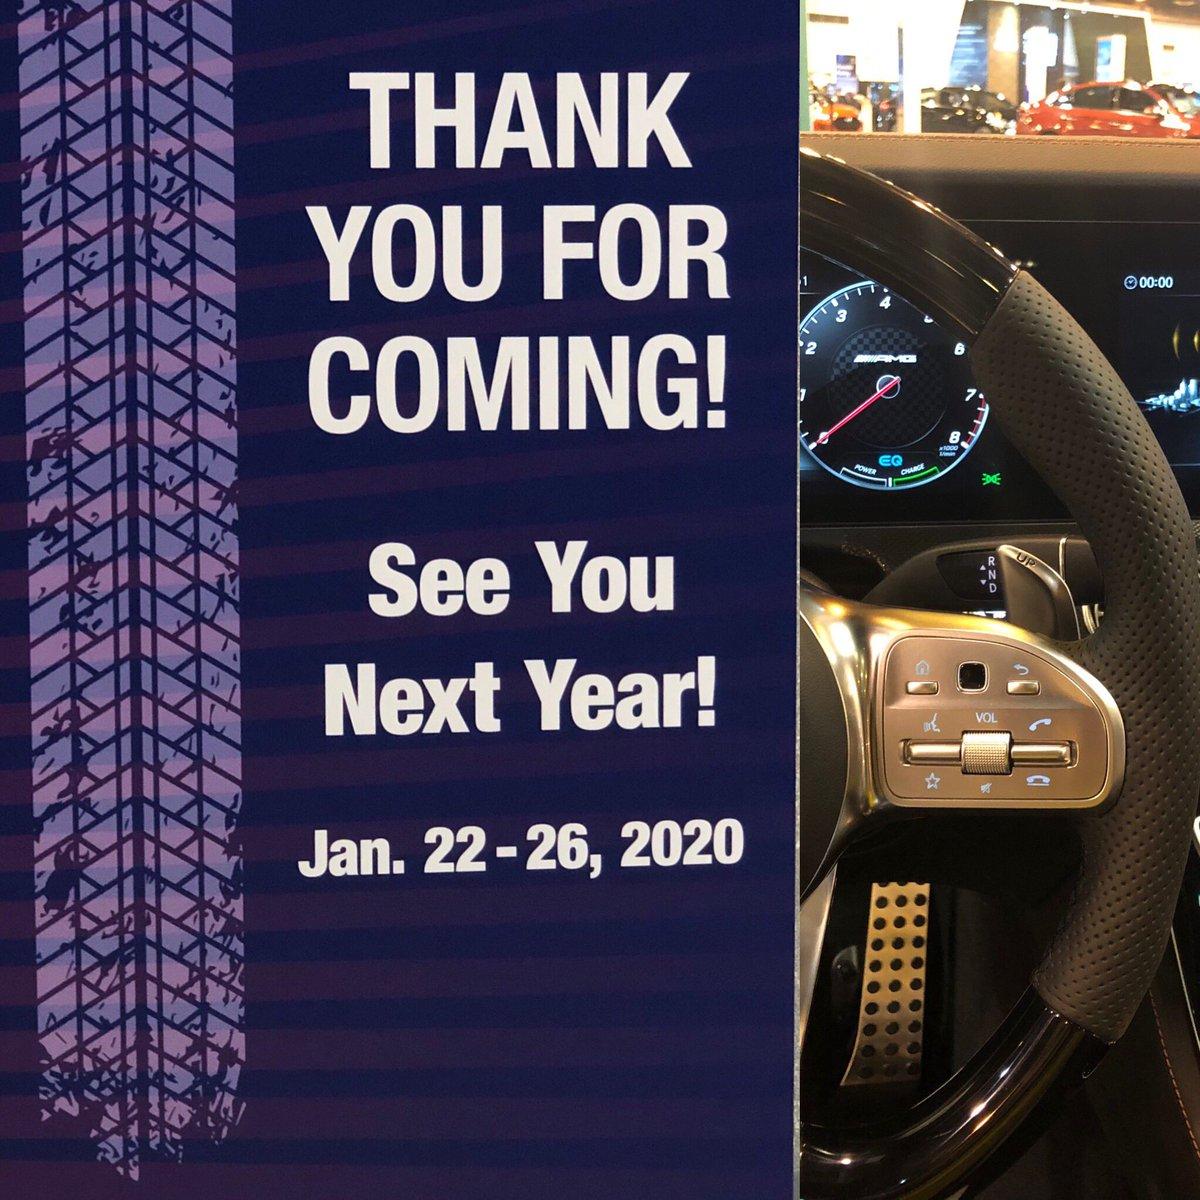 Houston Auto Show on Twitter: